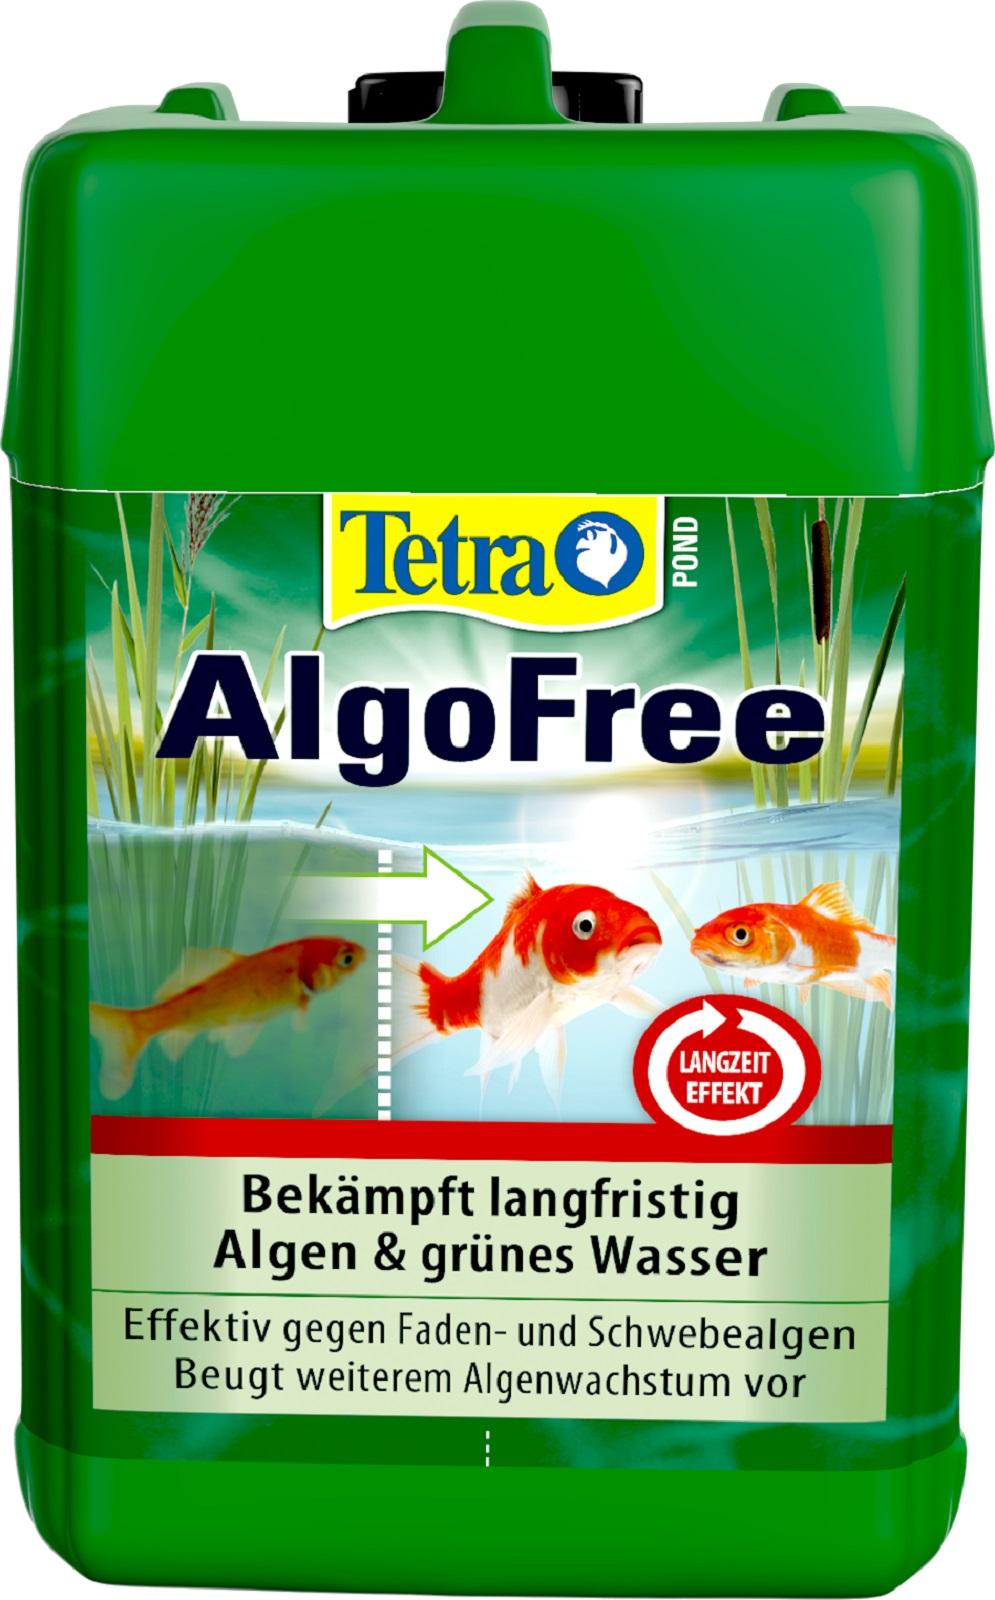 Tetra Pond AlgoFree Algenmittel gegen Schwebealgen und grünes Wasser  3 Liter